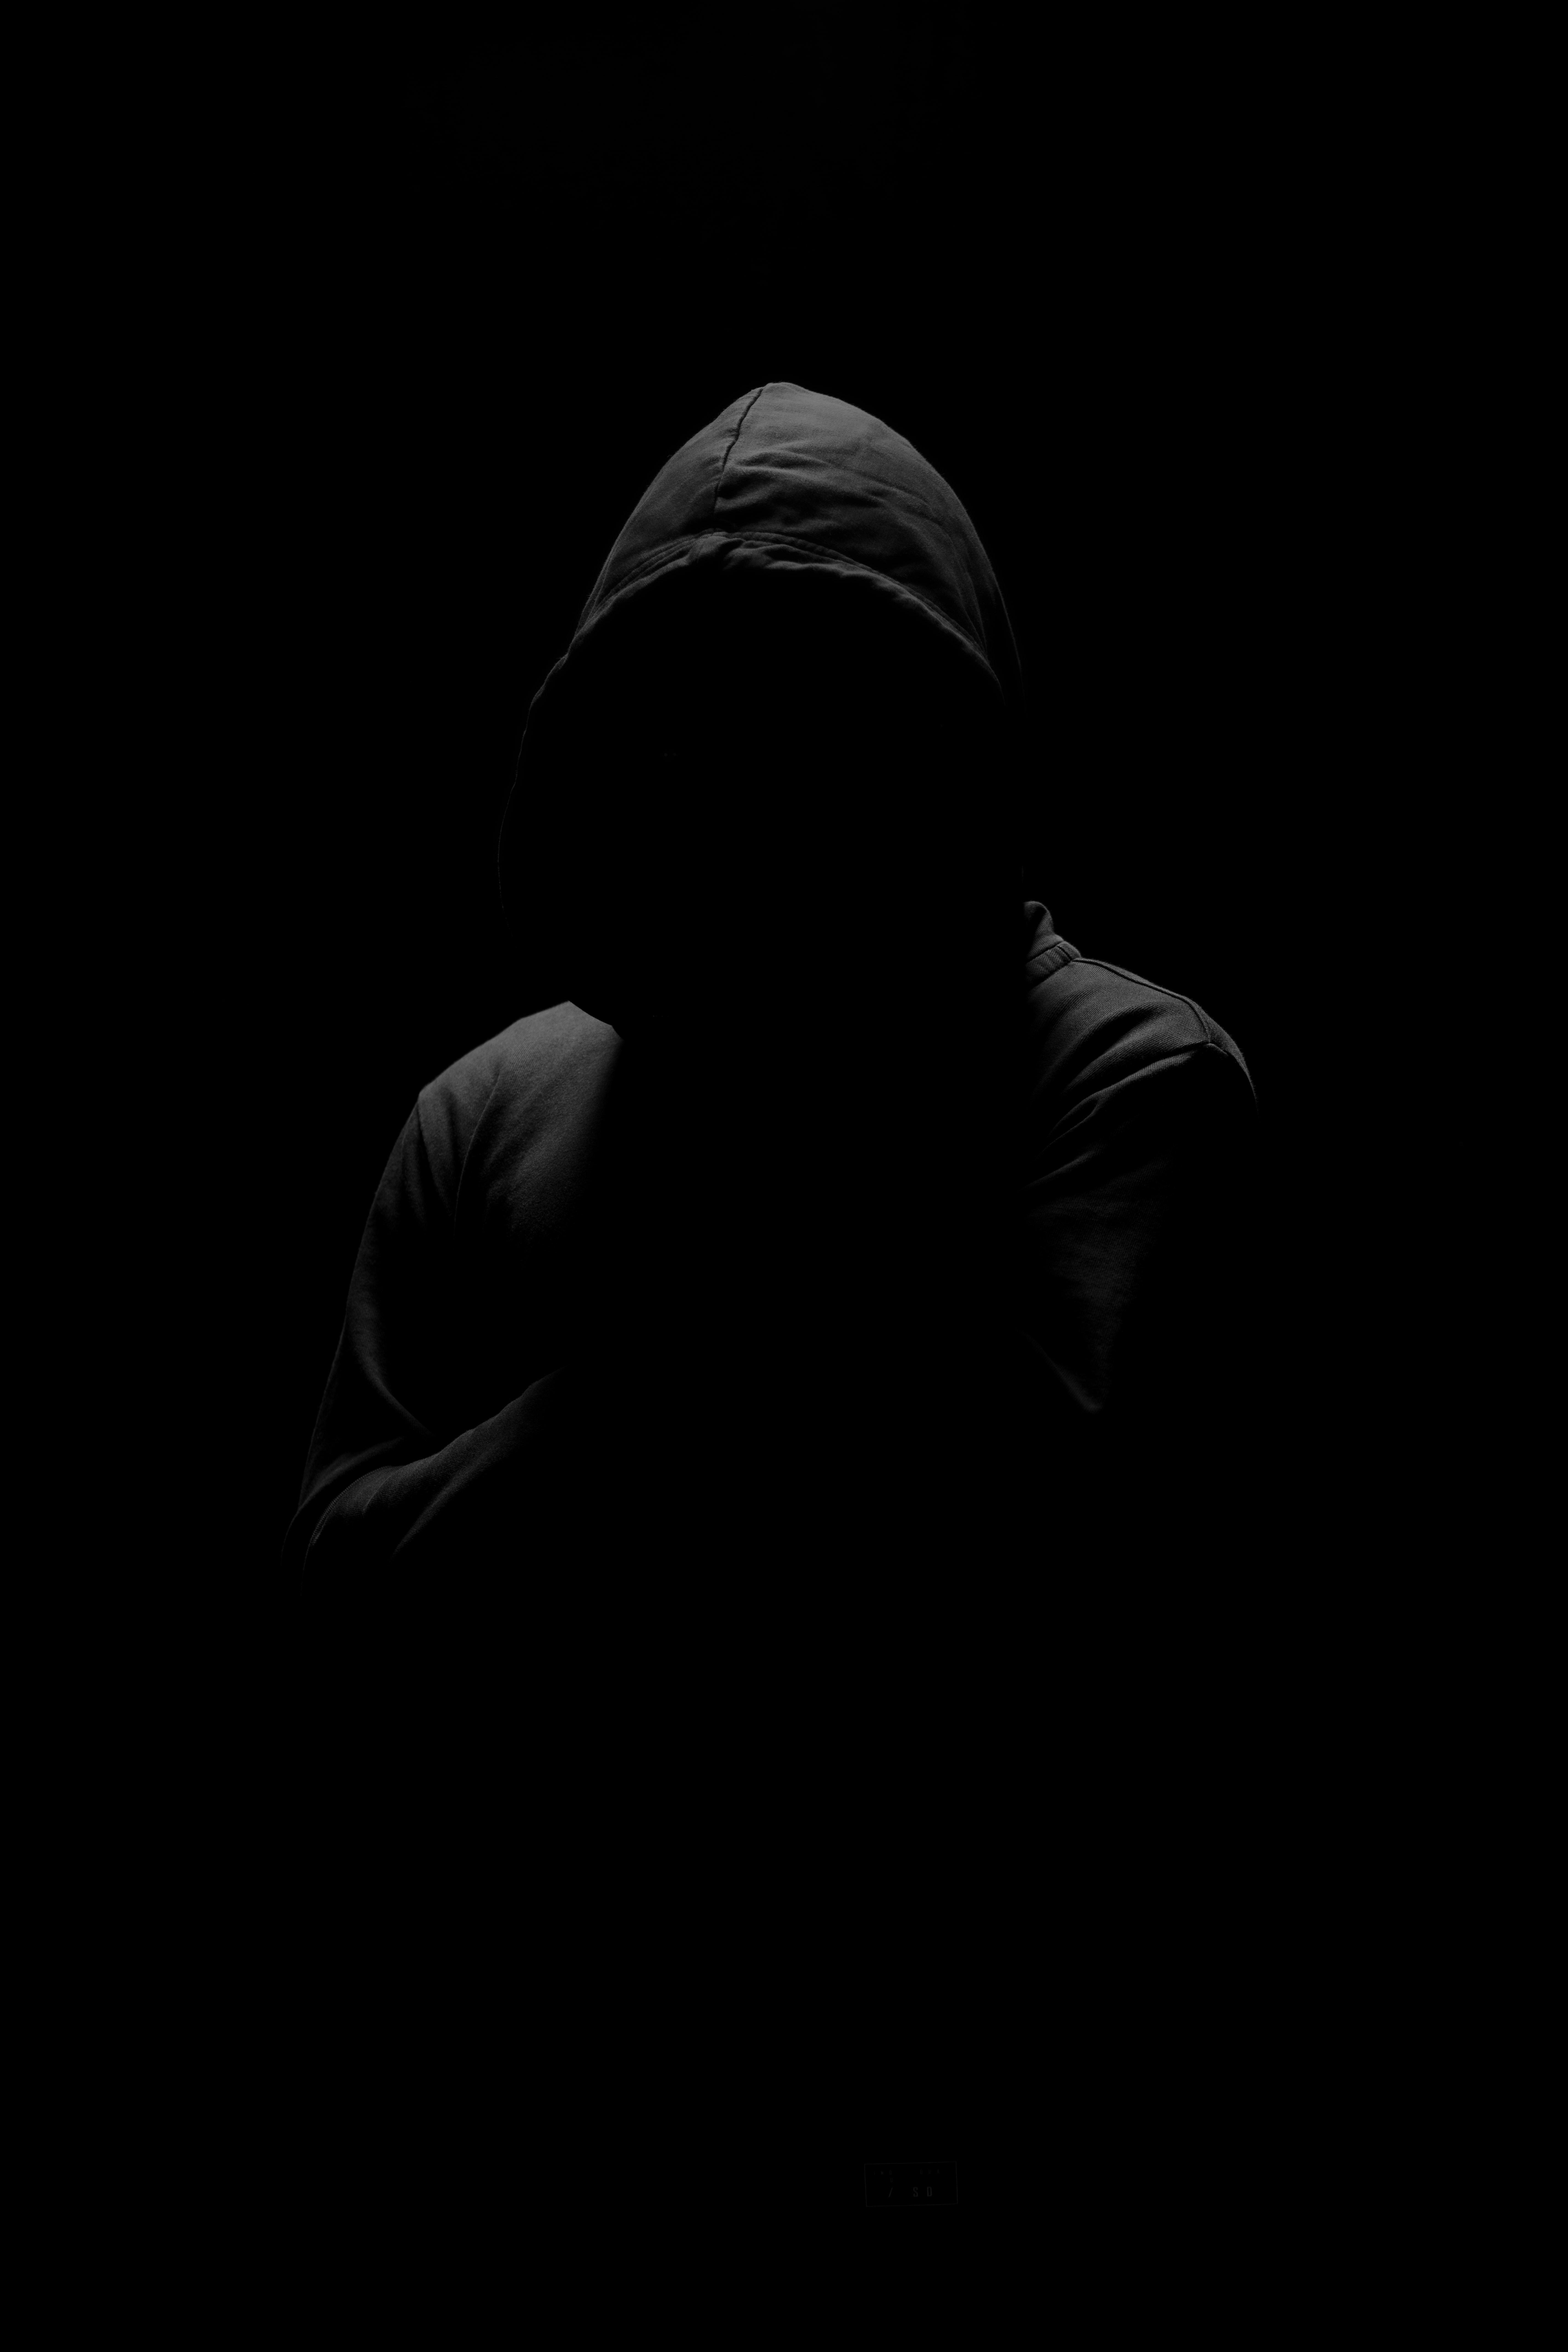 Скачать бесплатно картинку 81383: Аноним, Темный, Черный, Человек, Капюшон обои на телефон